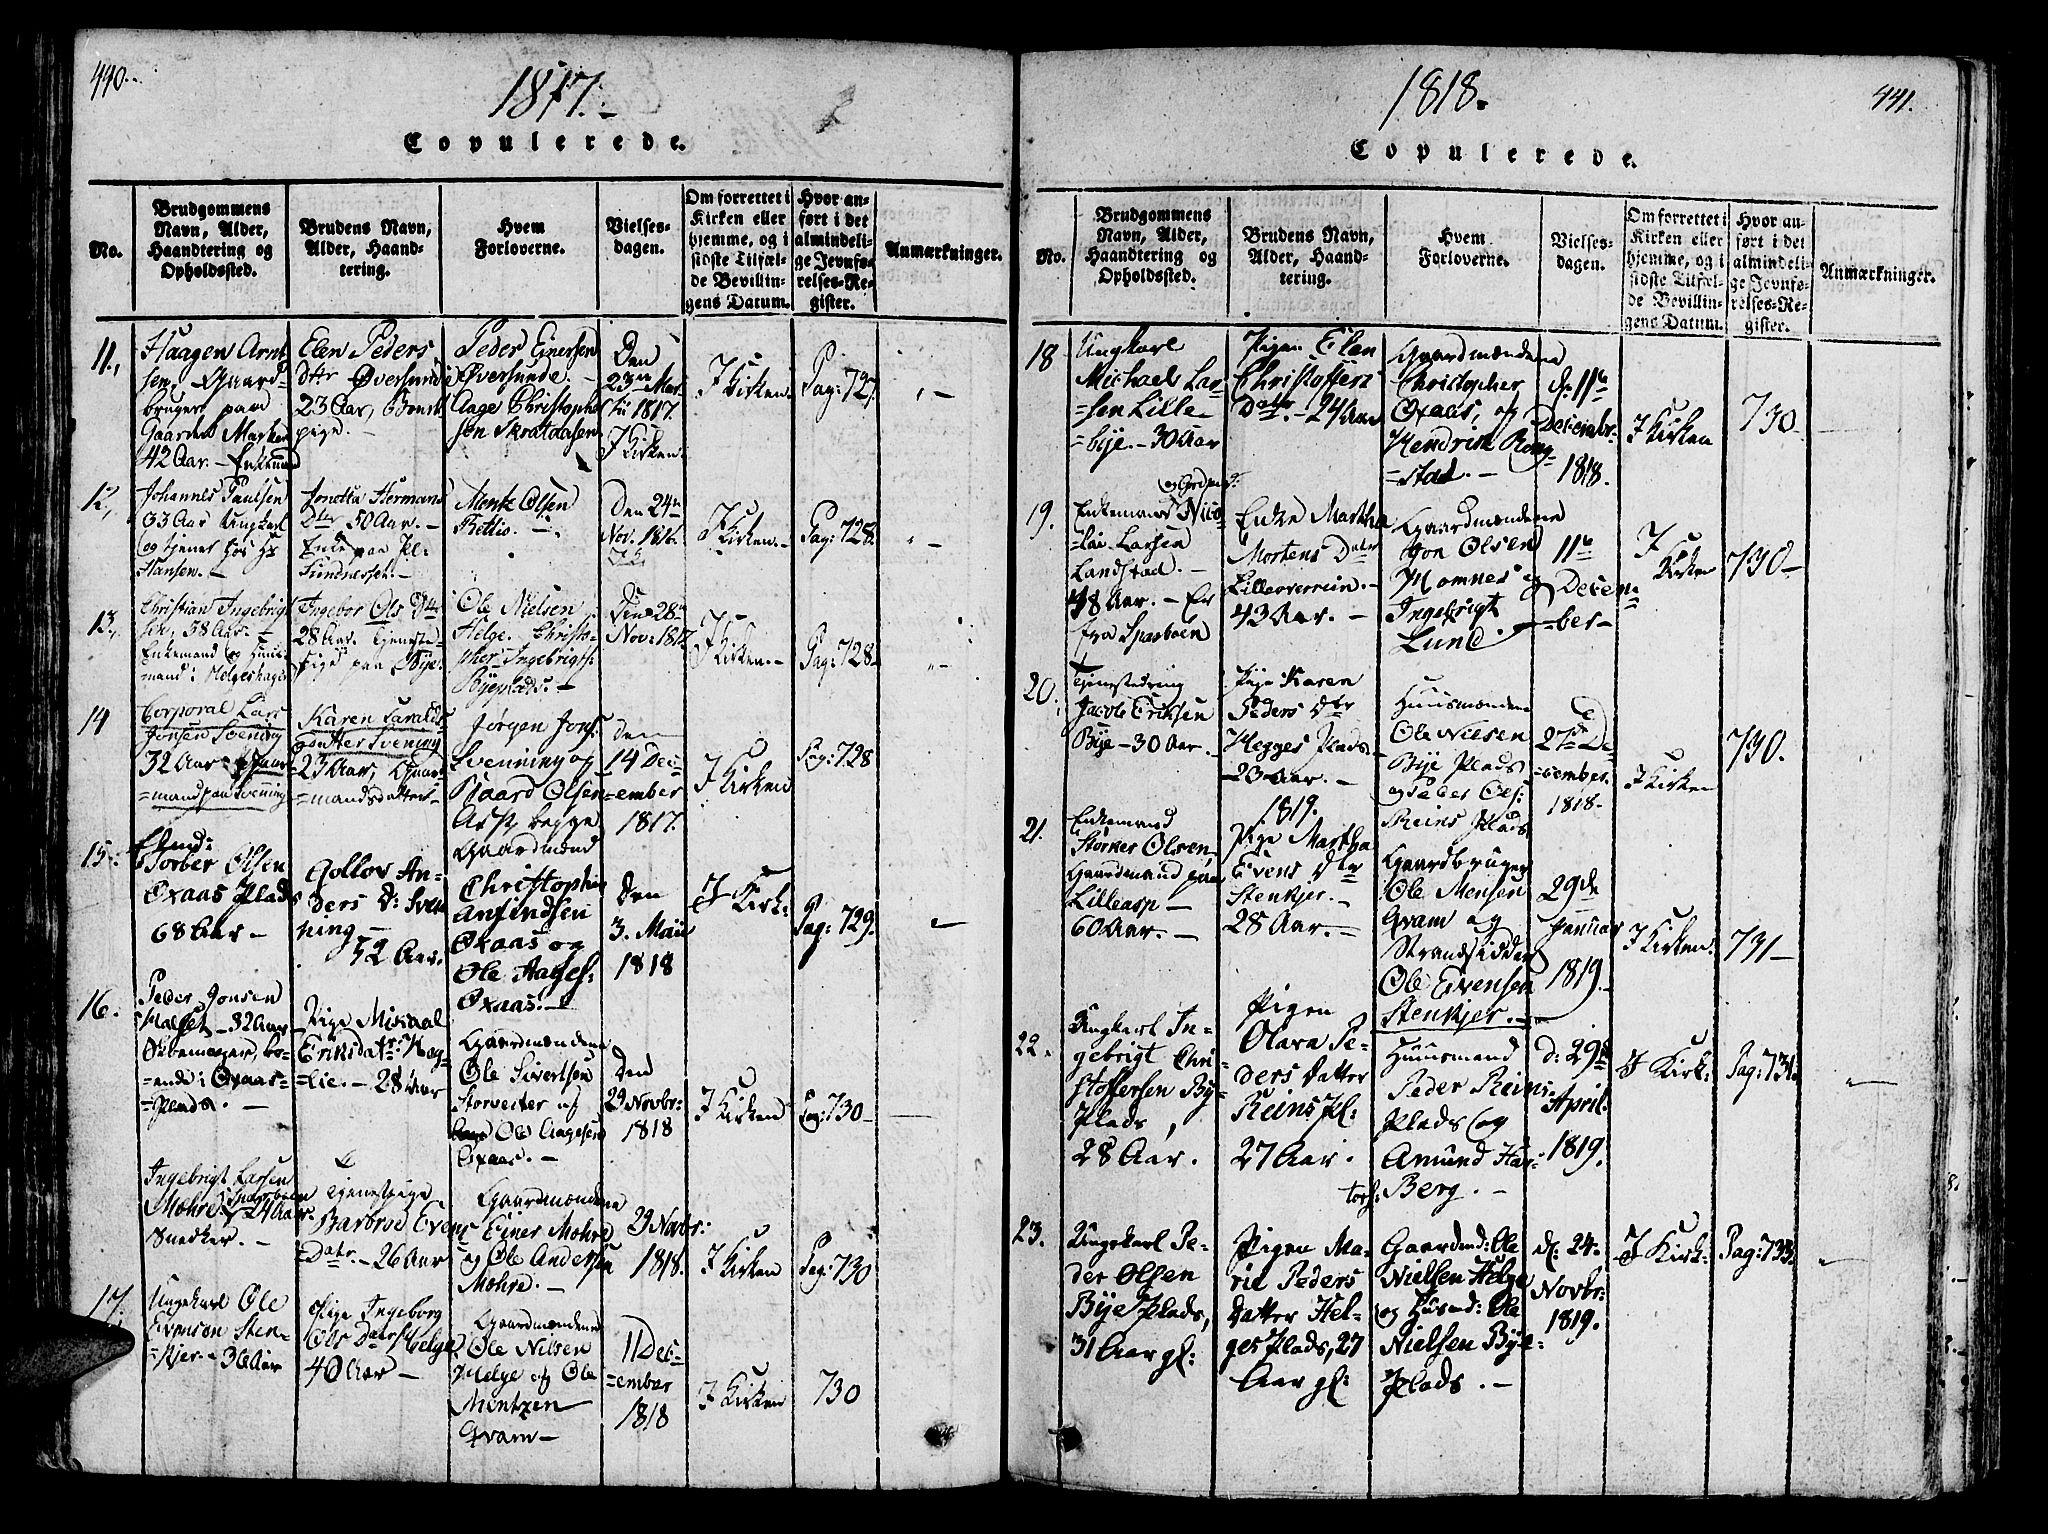 SAT, Ministerialprotokoller, klokkerbøker og fødselsregistre - Nord-Trøndelag, 746/L0441: Ministerialbok nr. 736A03 /3, 1816-1827, s. 440-441